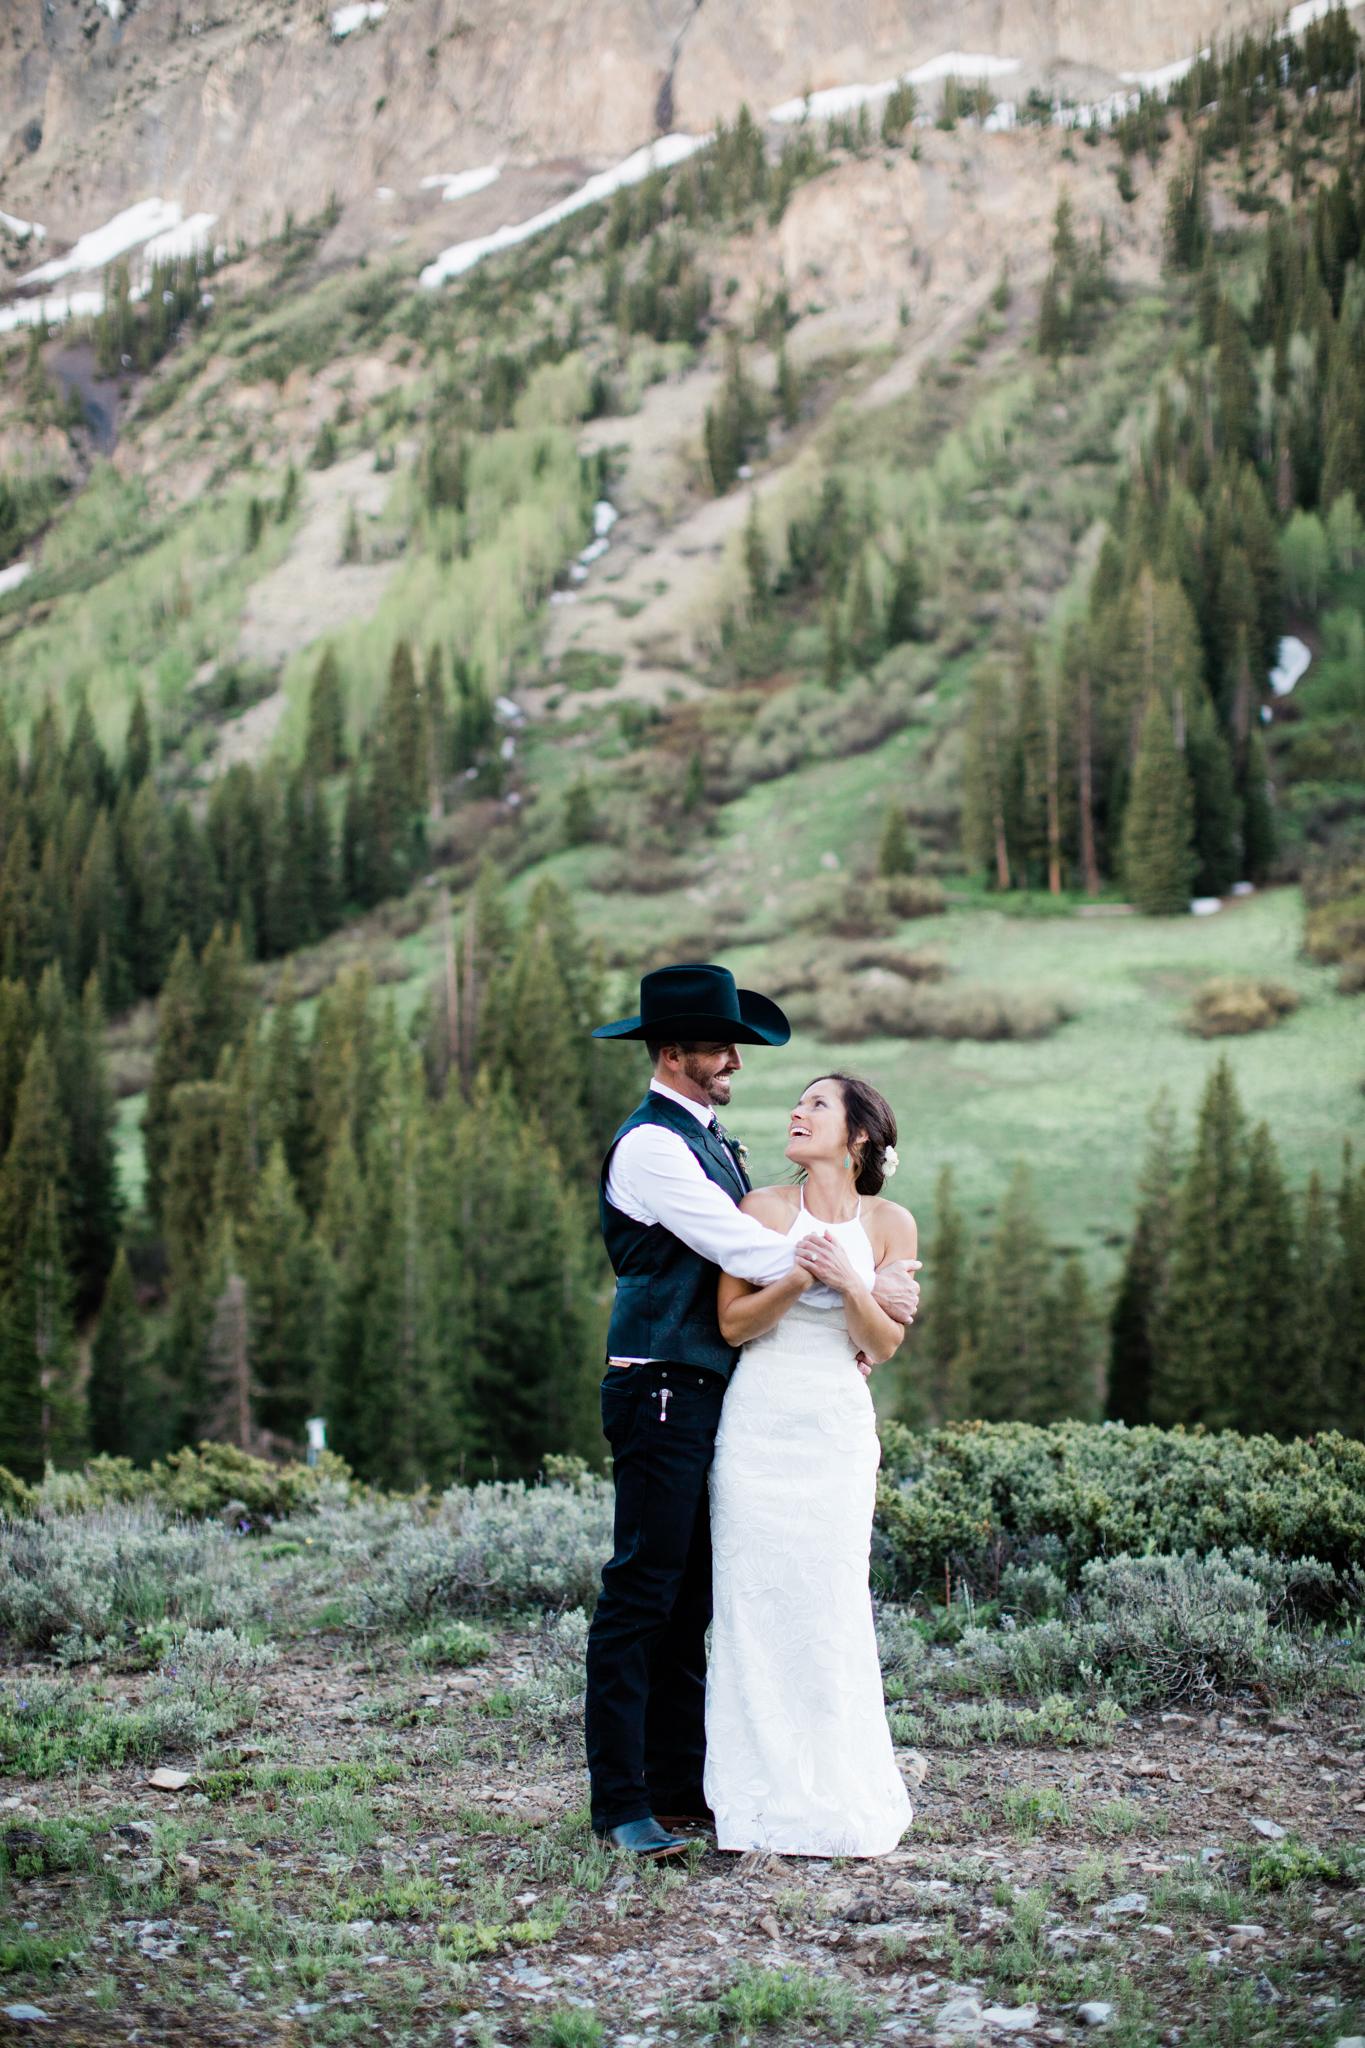 Crested_Butte_Mountain_Wedding_Garden-7